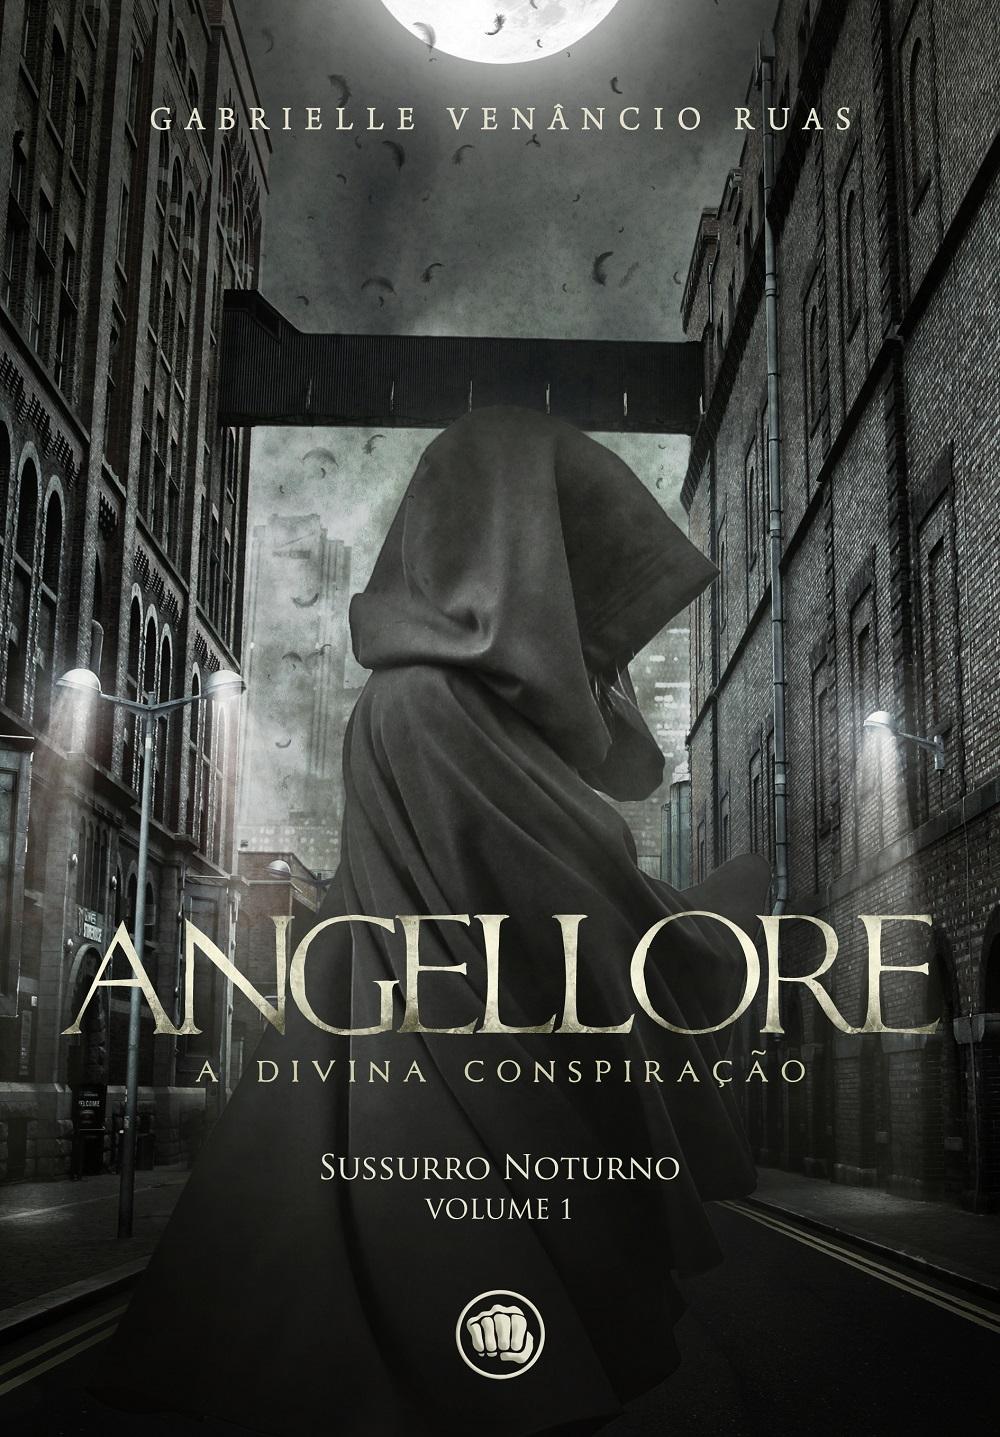 Angellore - Divina Conspiração Vol 1